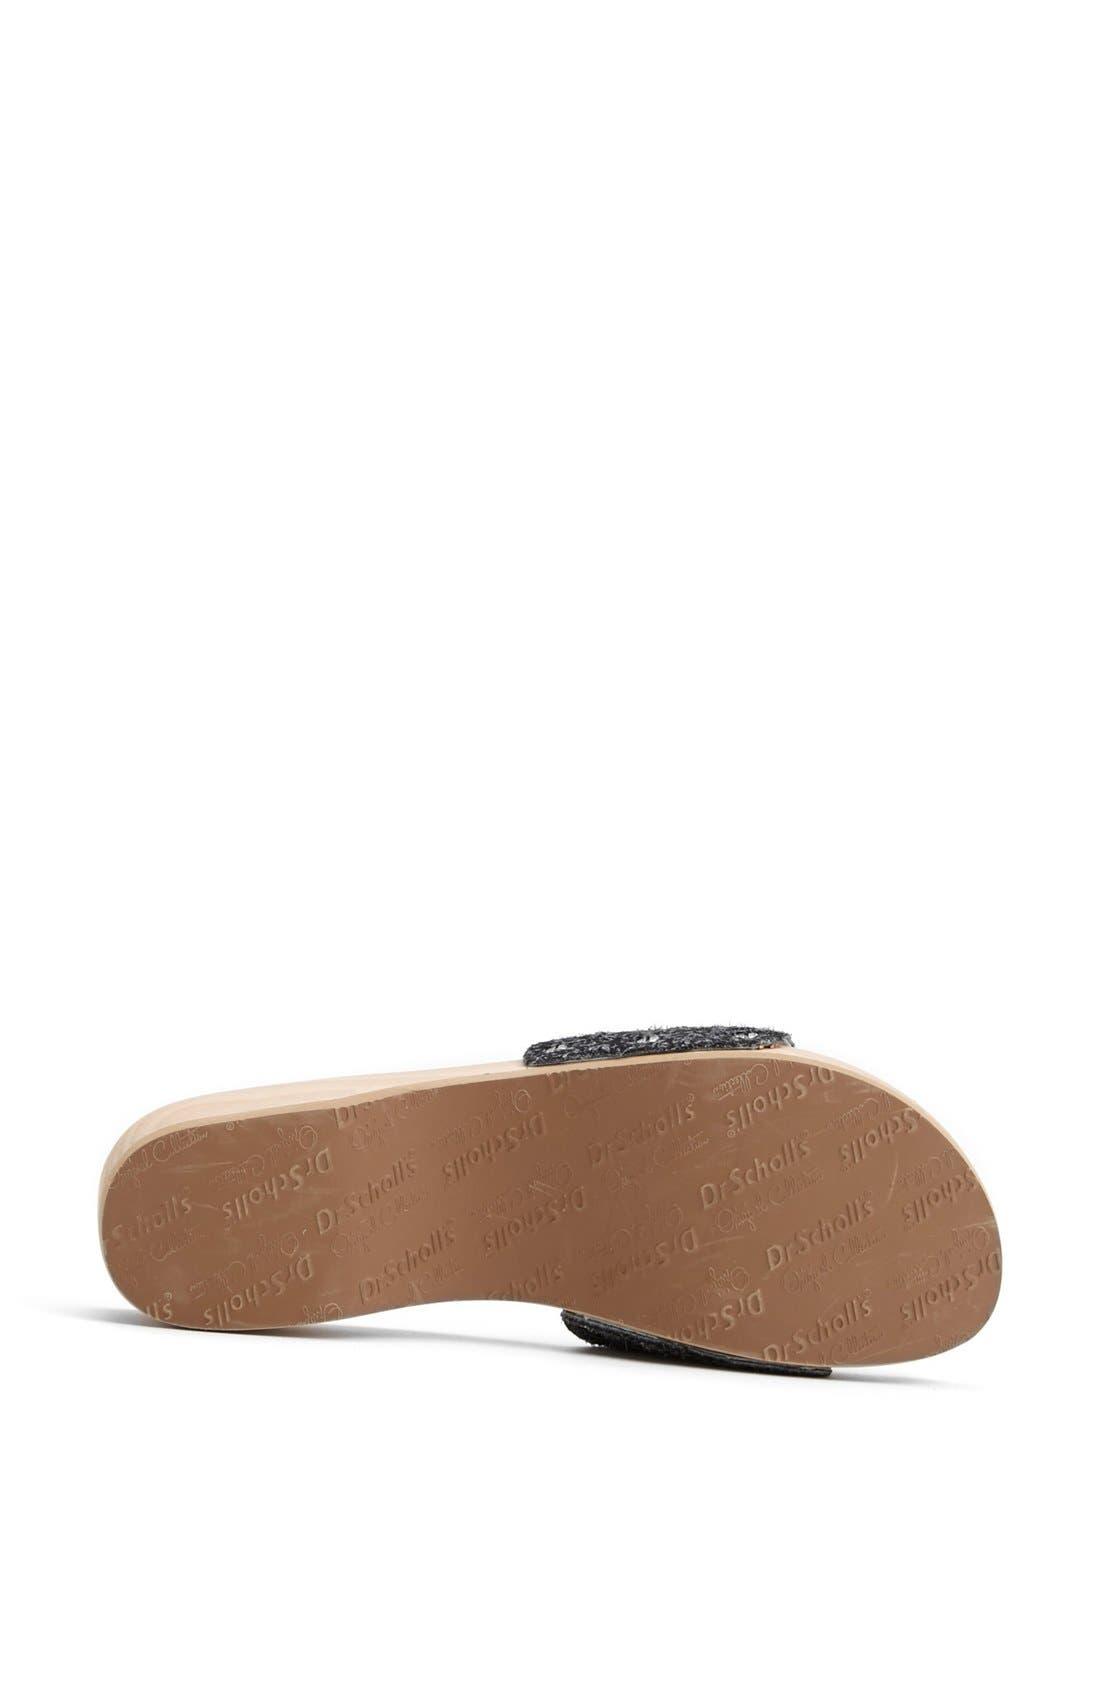 Alternate Image 4  - Dr. Scholl's 'Original' Sandal